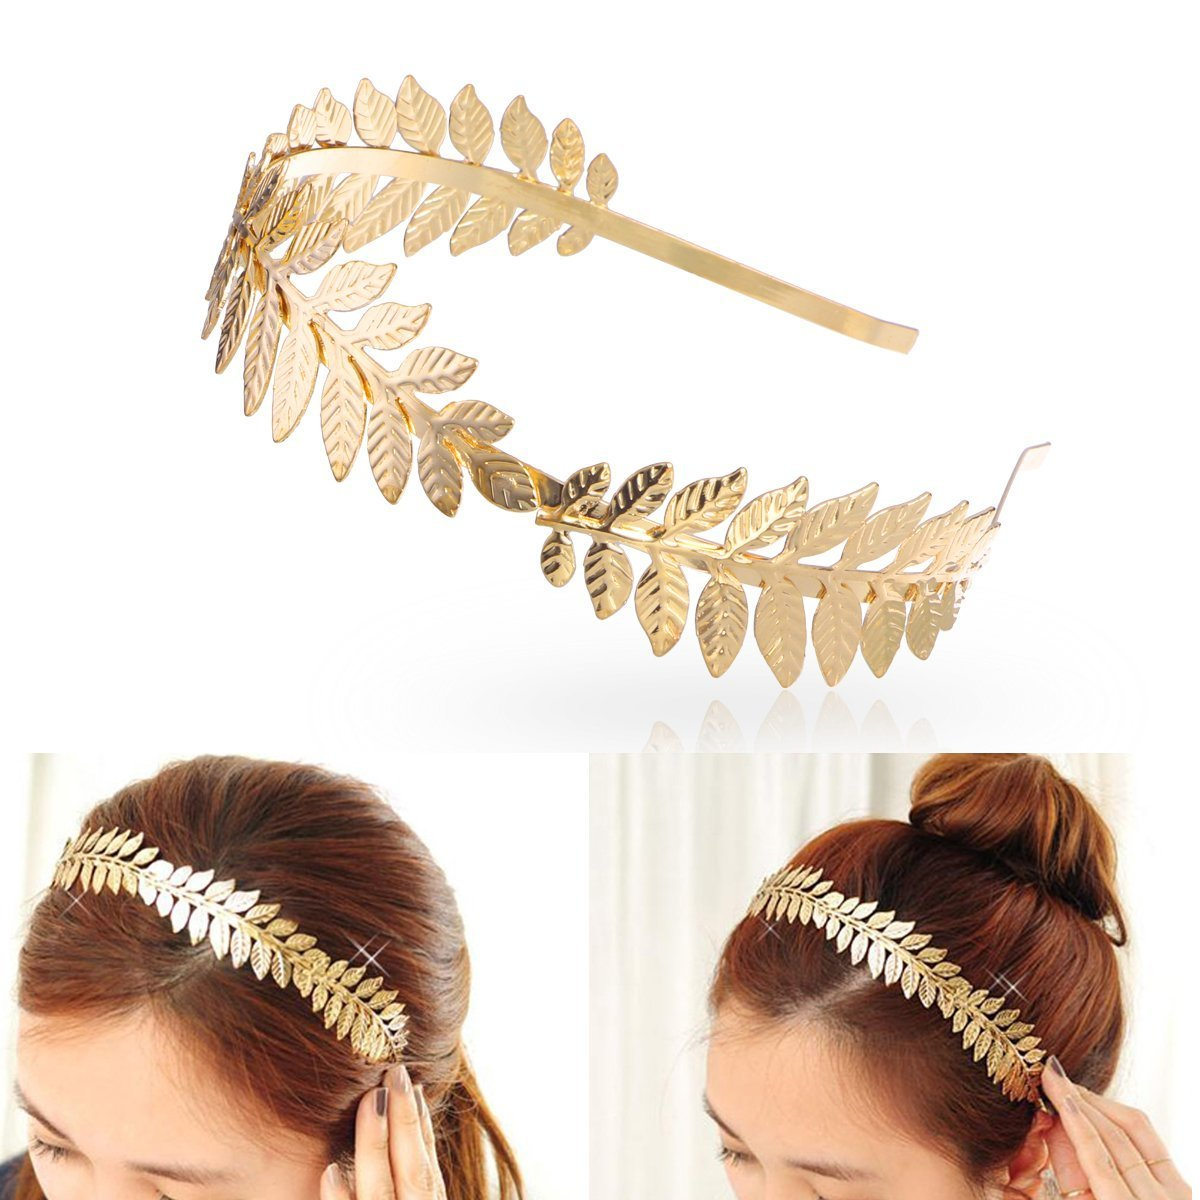 Gold Metal Headband - OS / METALLIC I Saw It First epjPtCT